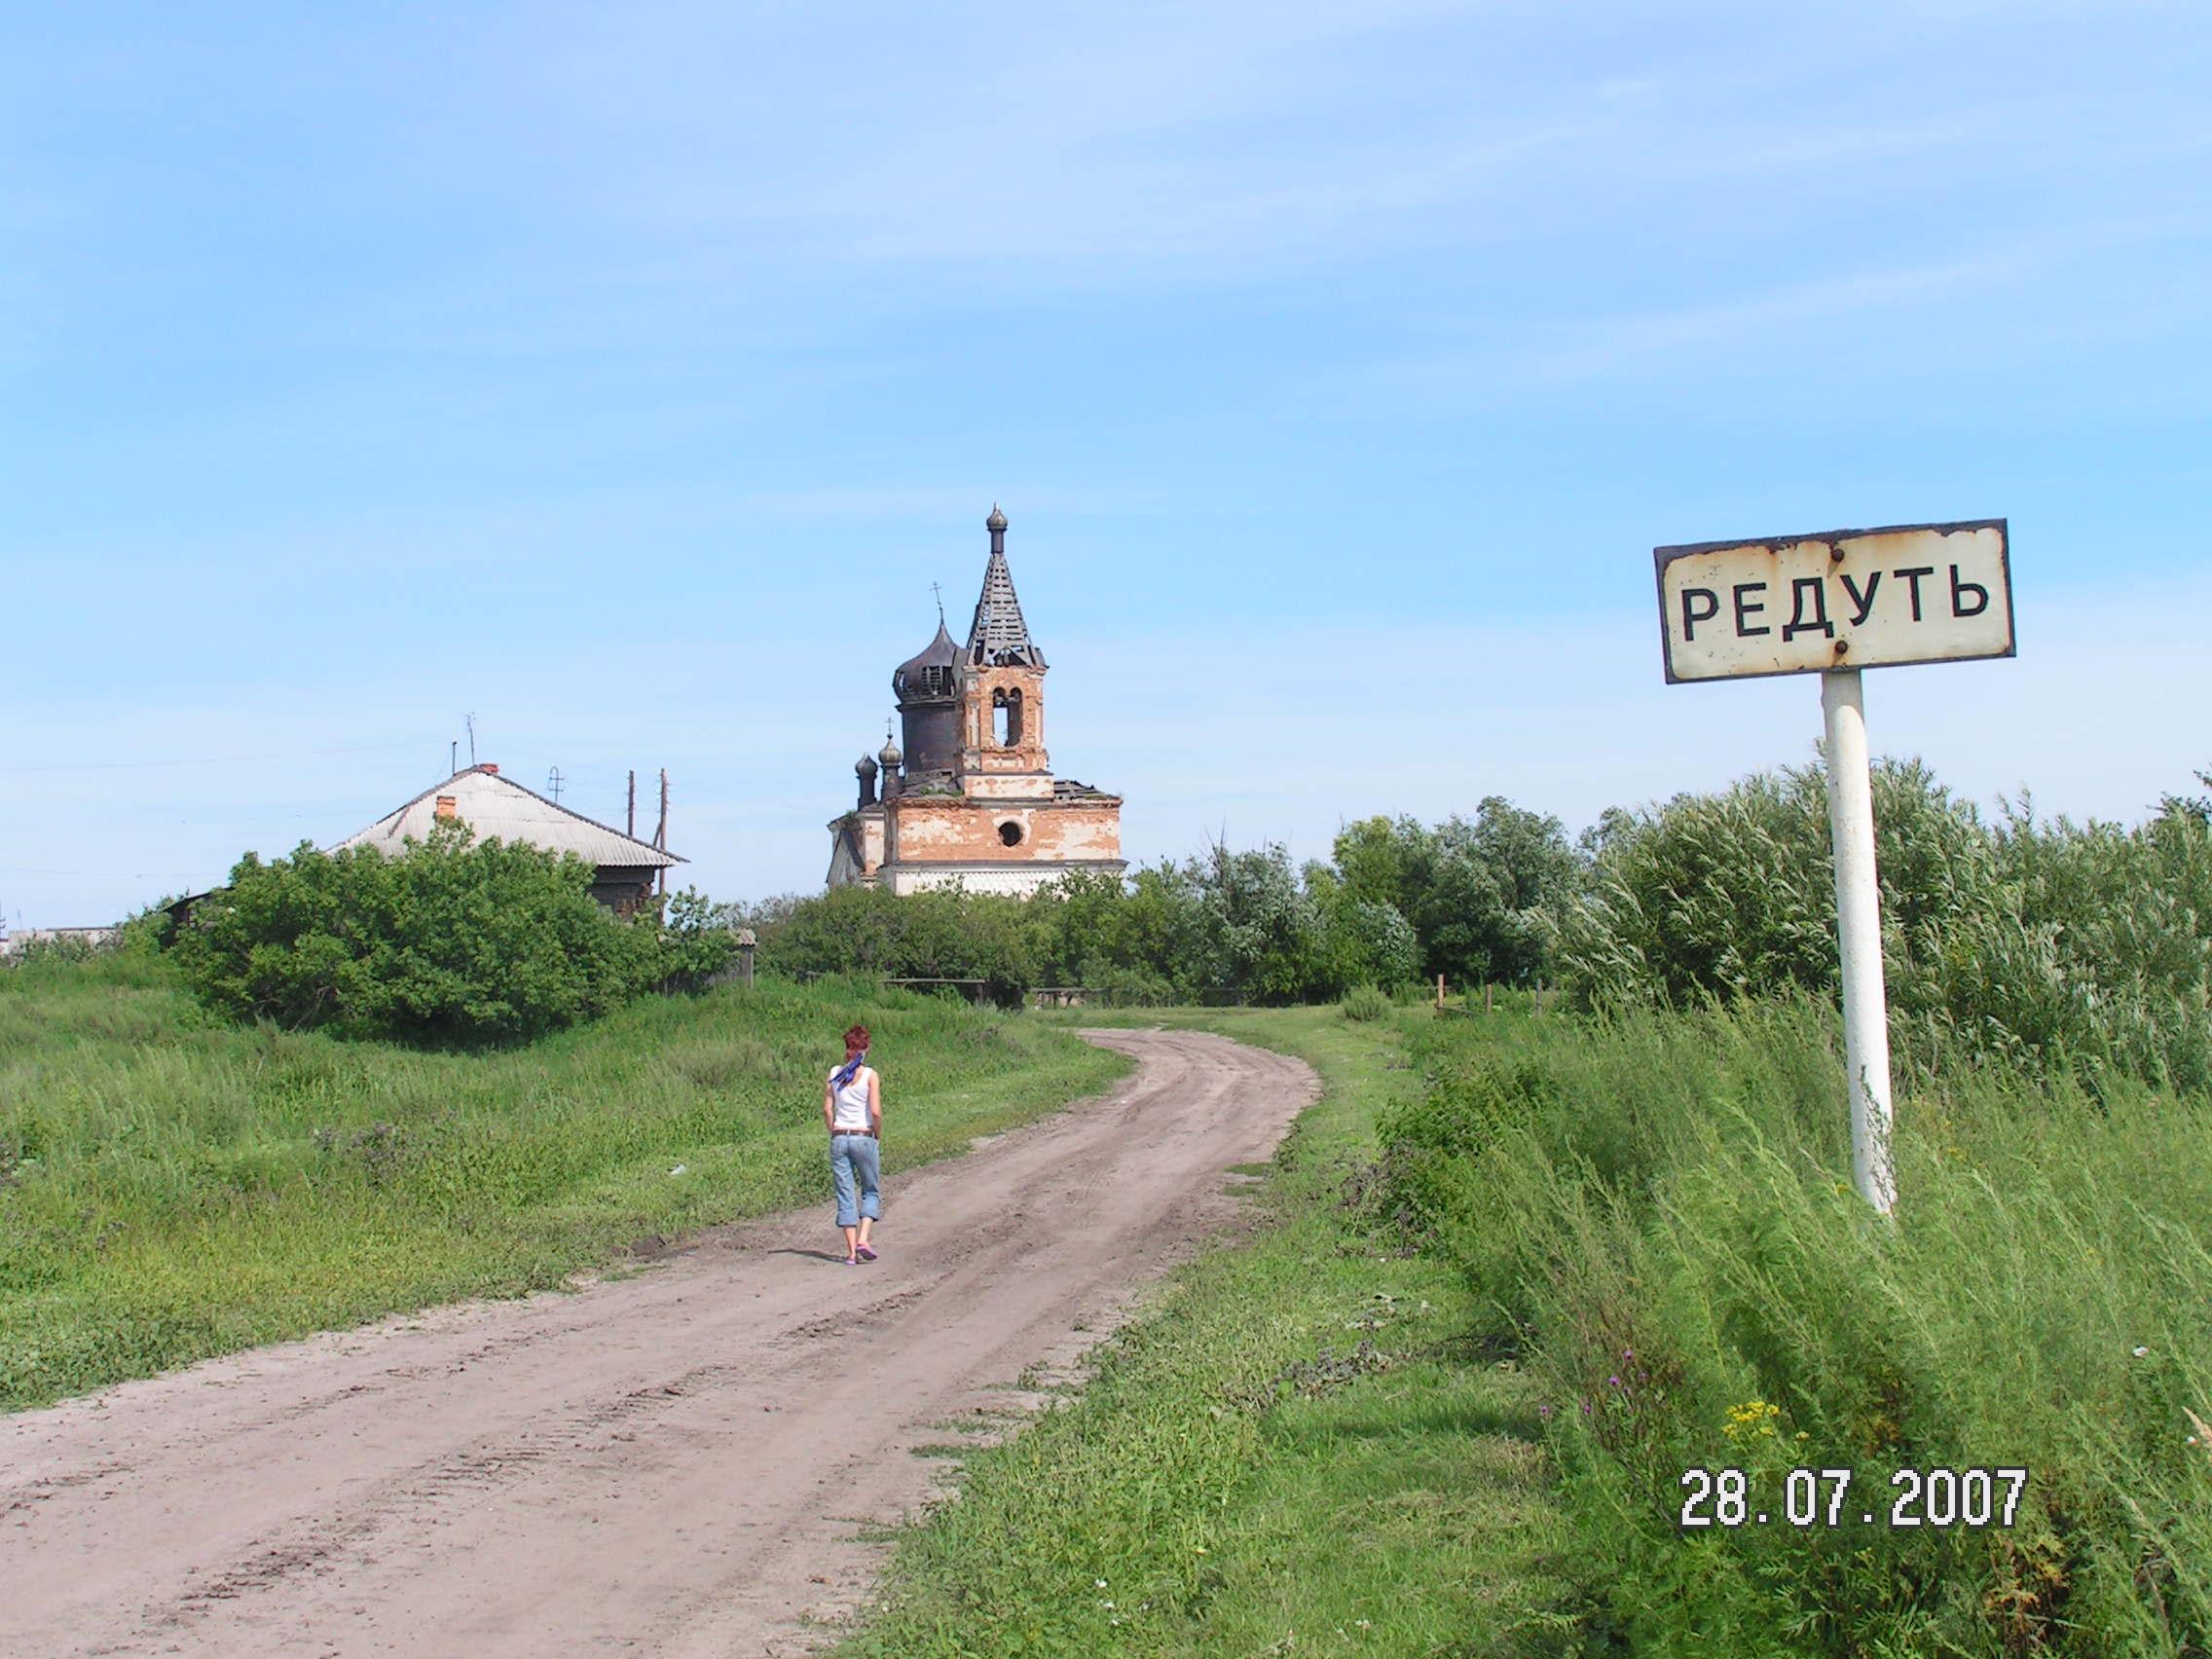 Kurgan Region Selo Redut Internet 001-1 0021